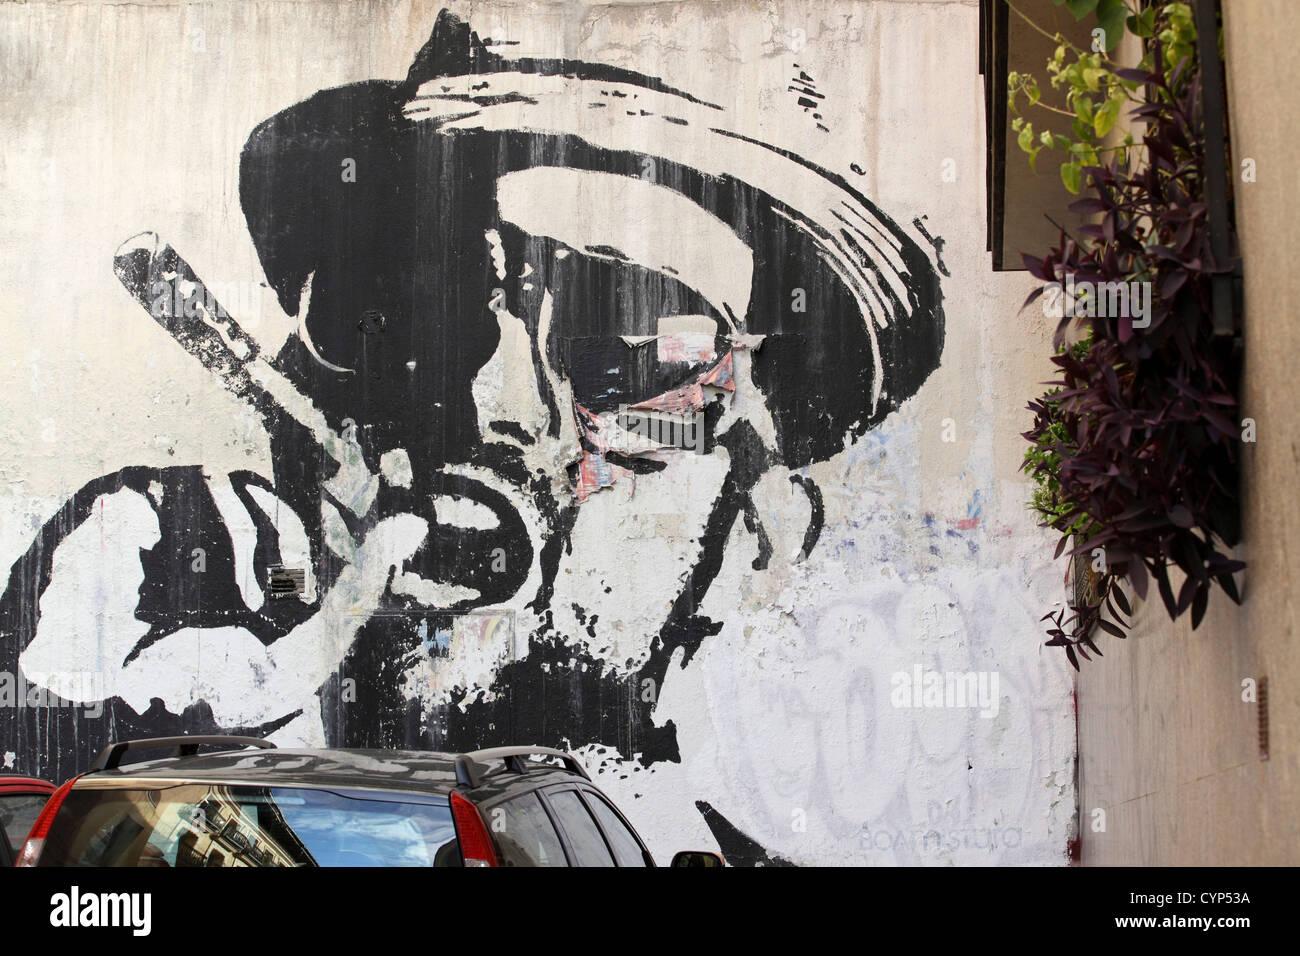 Graffiti wall black - Street Art Graffiti Wall Painting Self Expression Madrid Spain